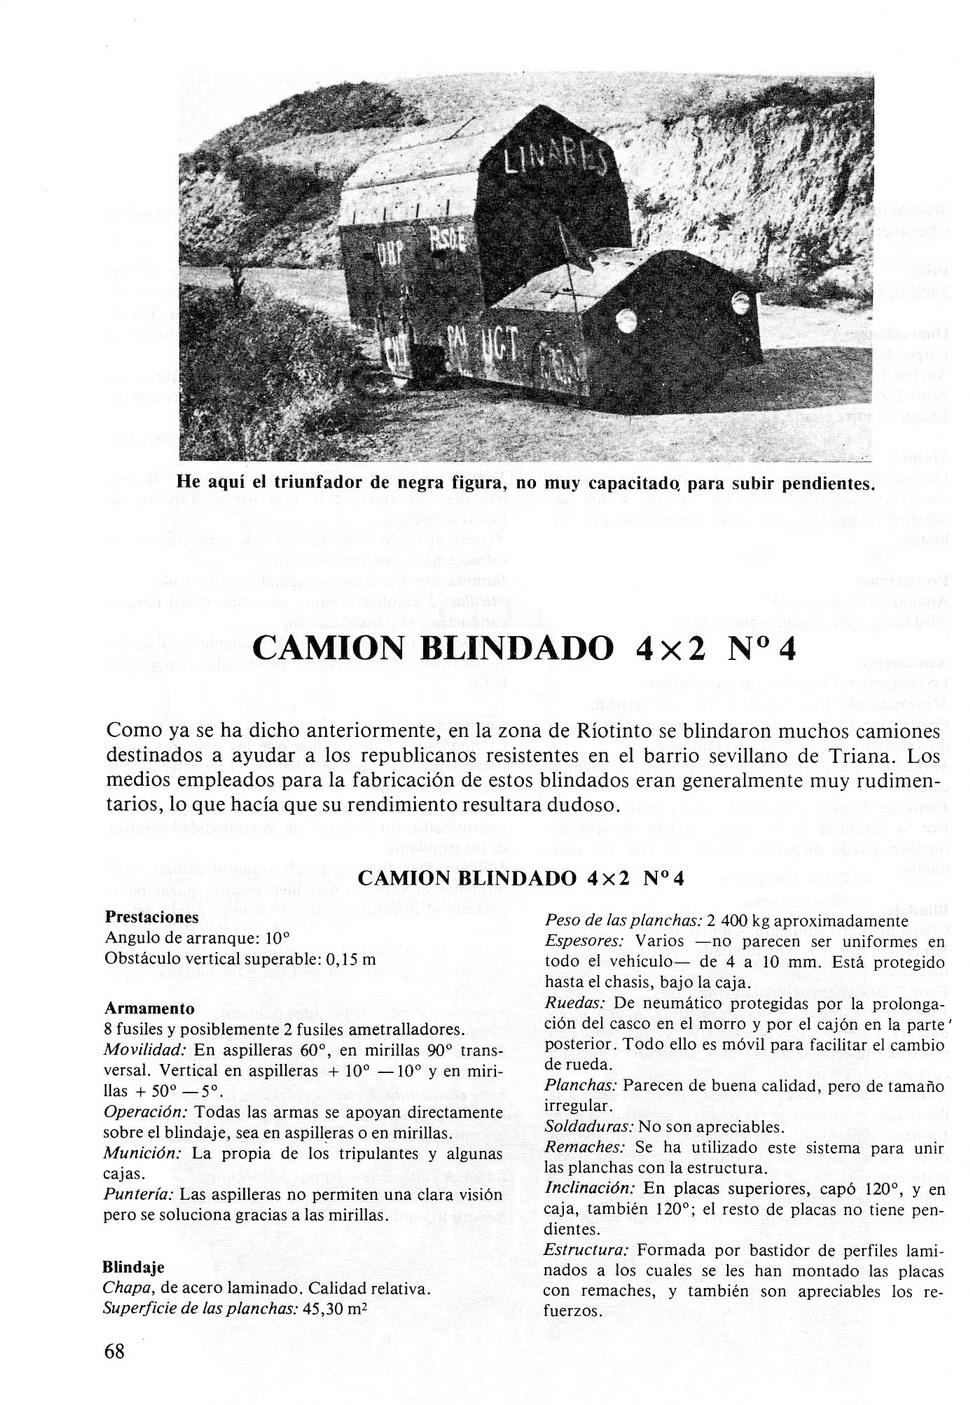 Carros De Combate Y Vehiculos Blindados De La Guerra 1936 1939 [F.C.Albert 1980]_Страница_066.jpg